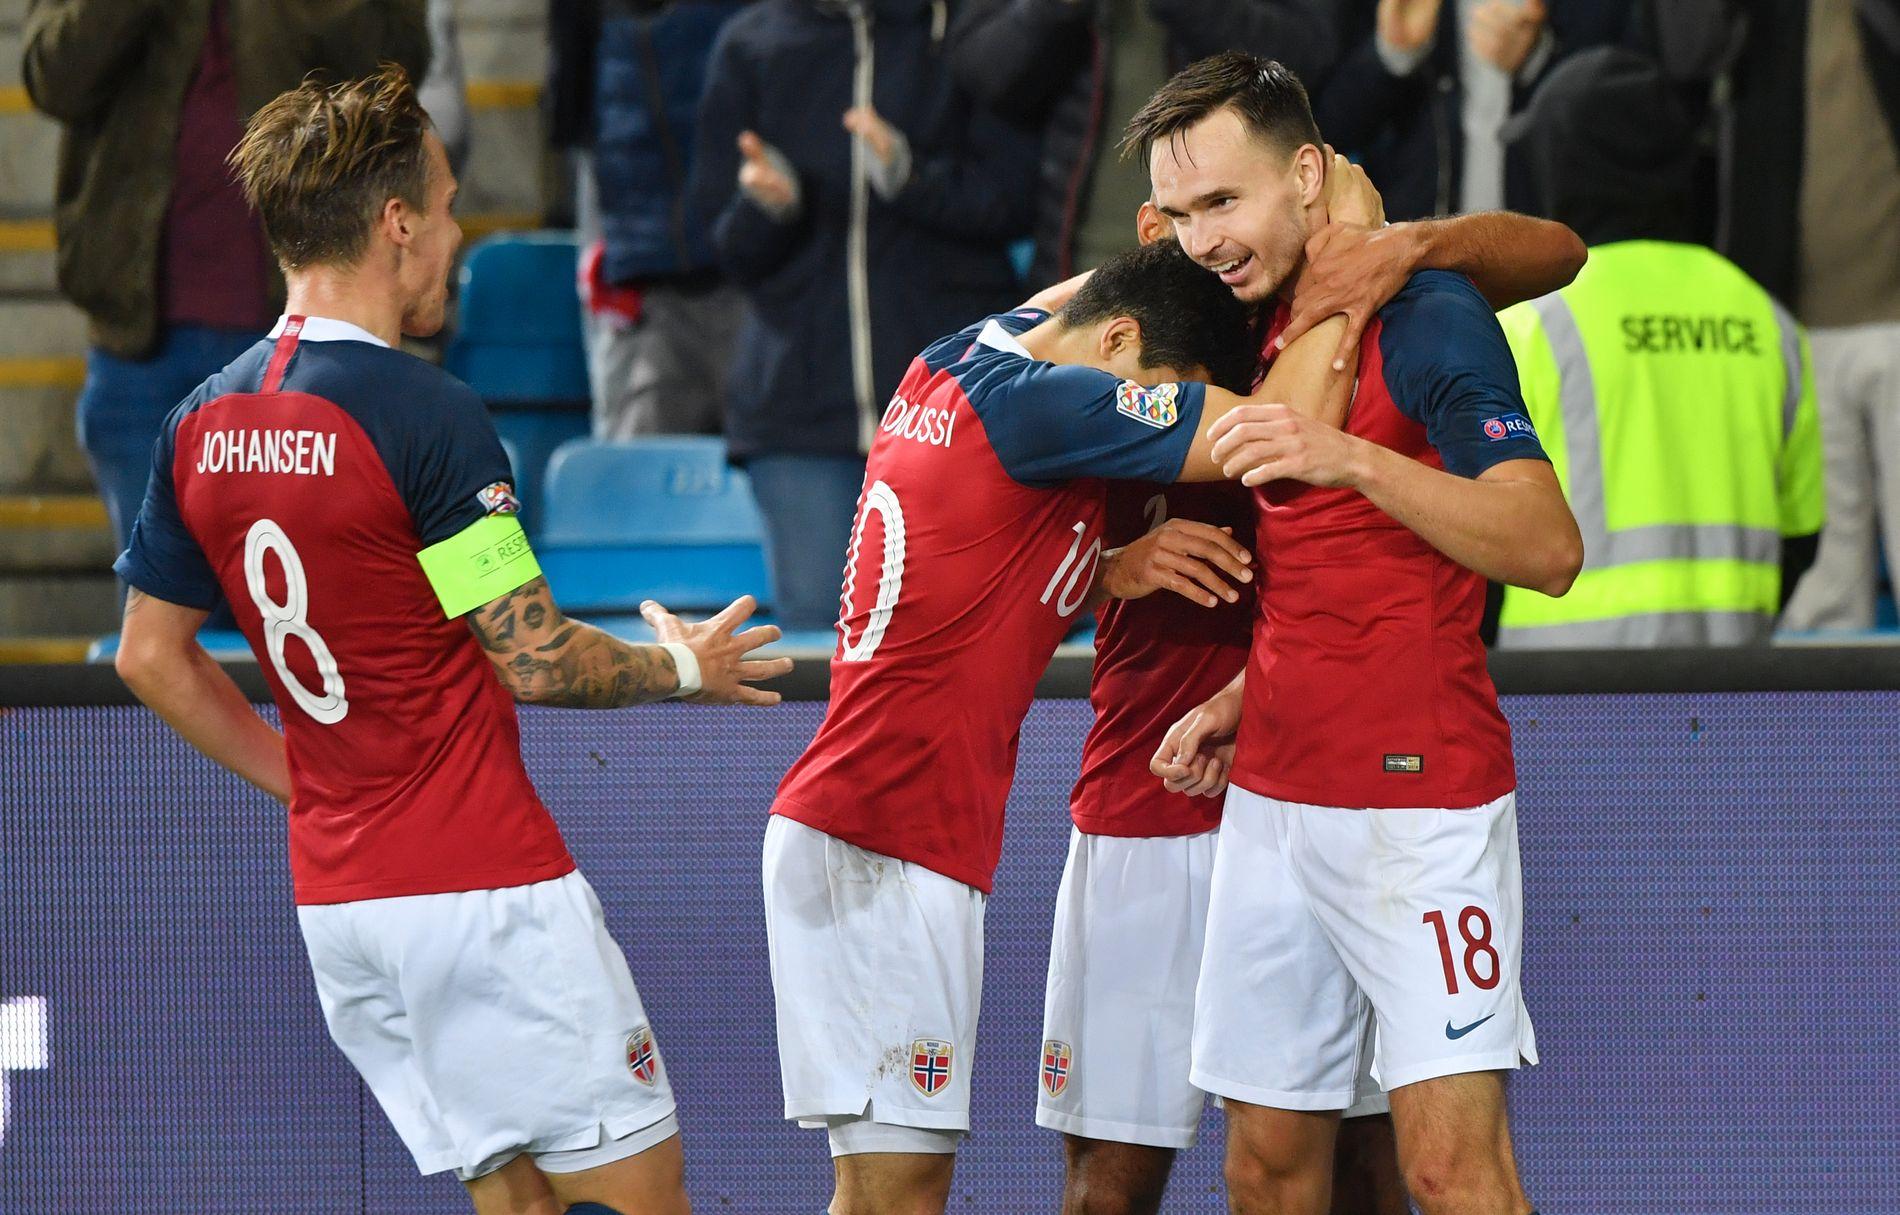 FORNØYD: Landslagskaptein Stefan Johansen (t.v.), som her gratulerer Ole Kristian Selnæs med vinnermålet, er godt fornøyd med Norges prestasjon mot Slovenia.